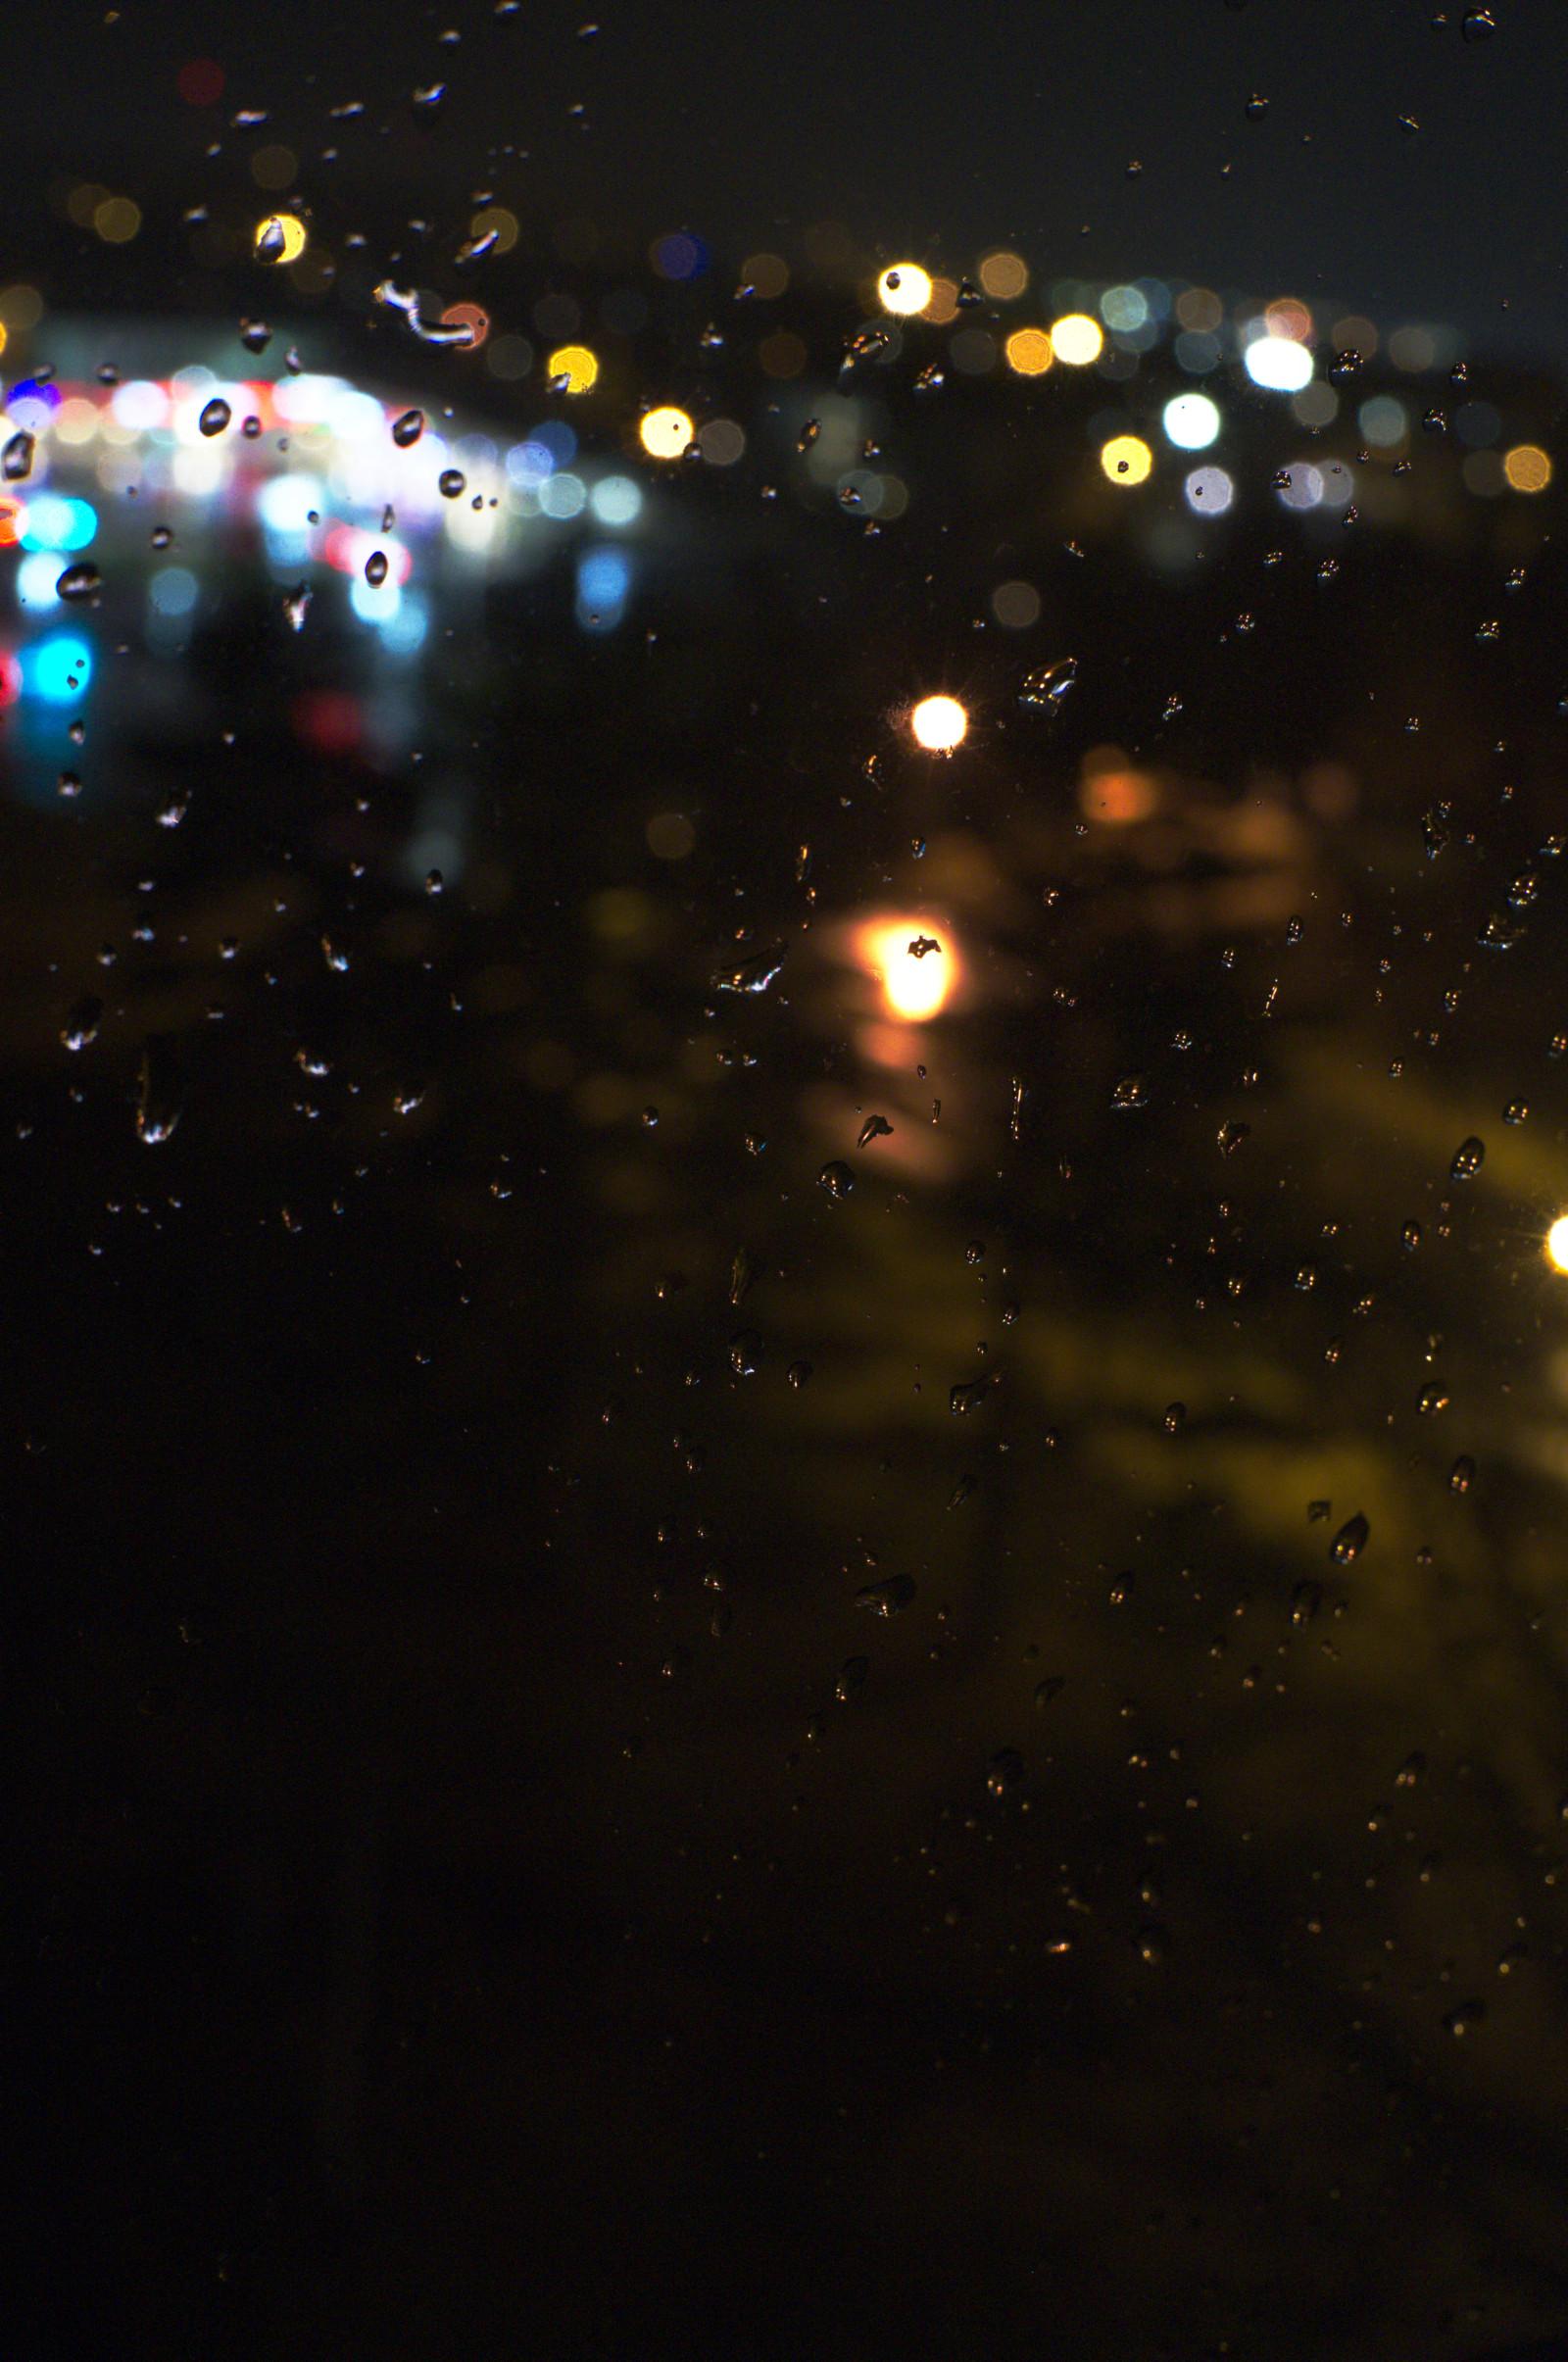 Wallpaper Rain Water Drops Dark Lights 1600x2410 Edemlegend